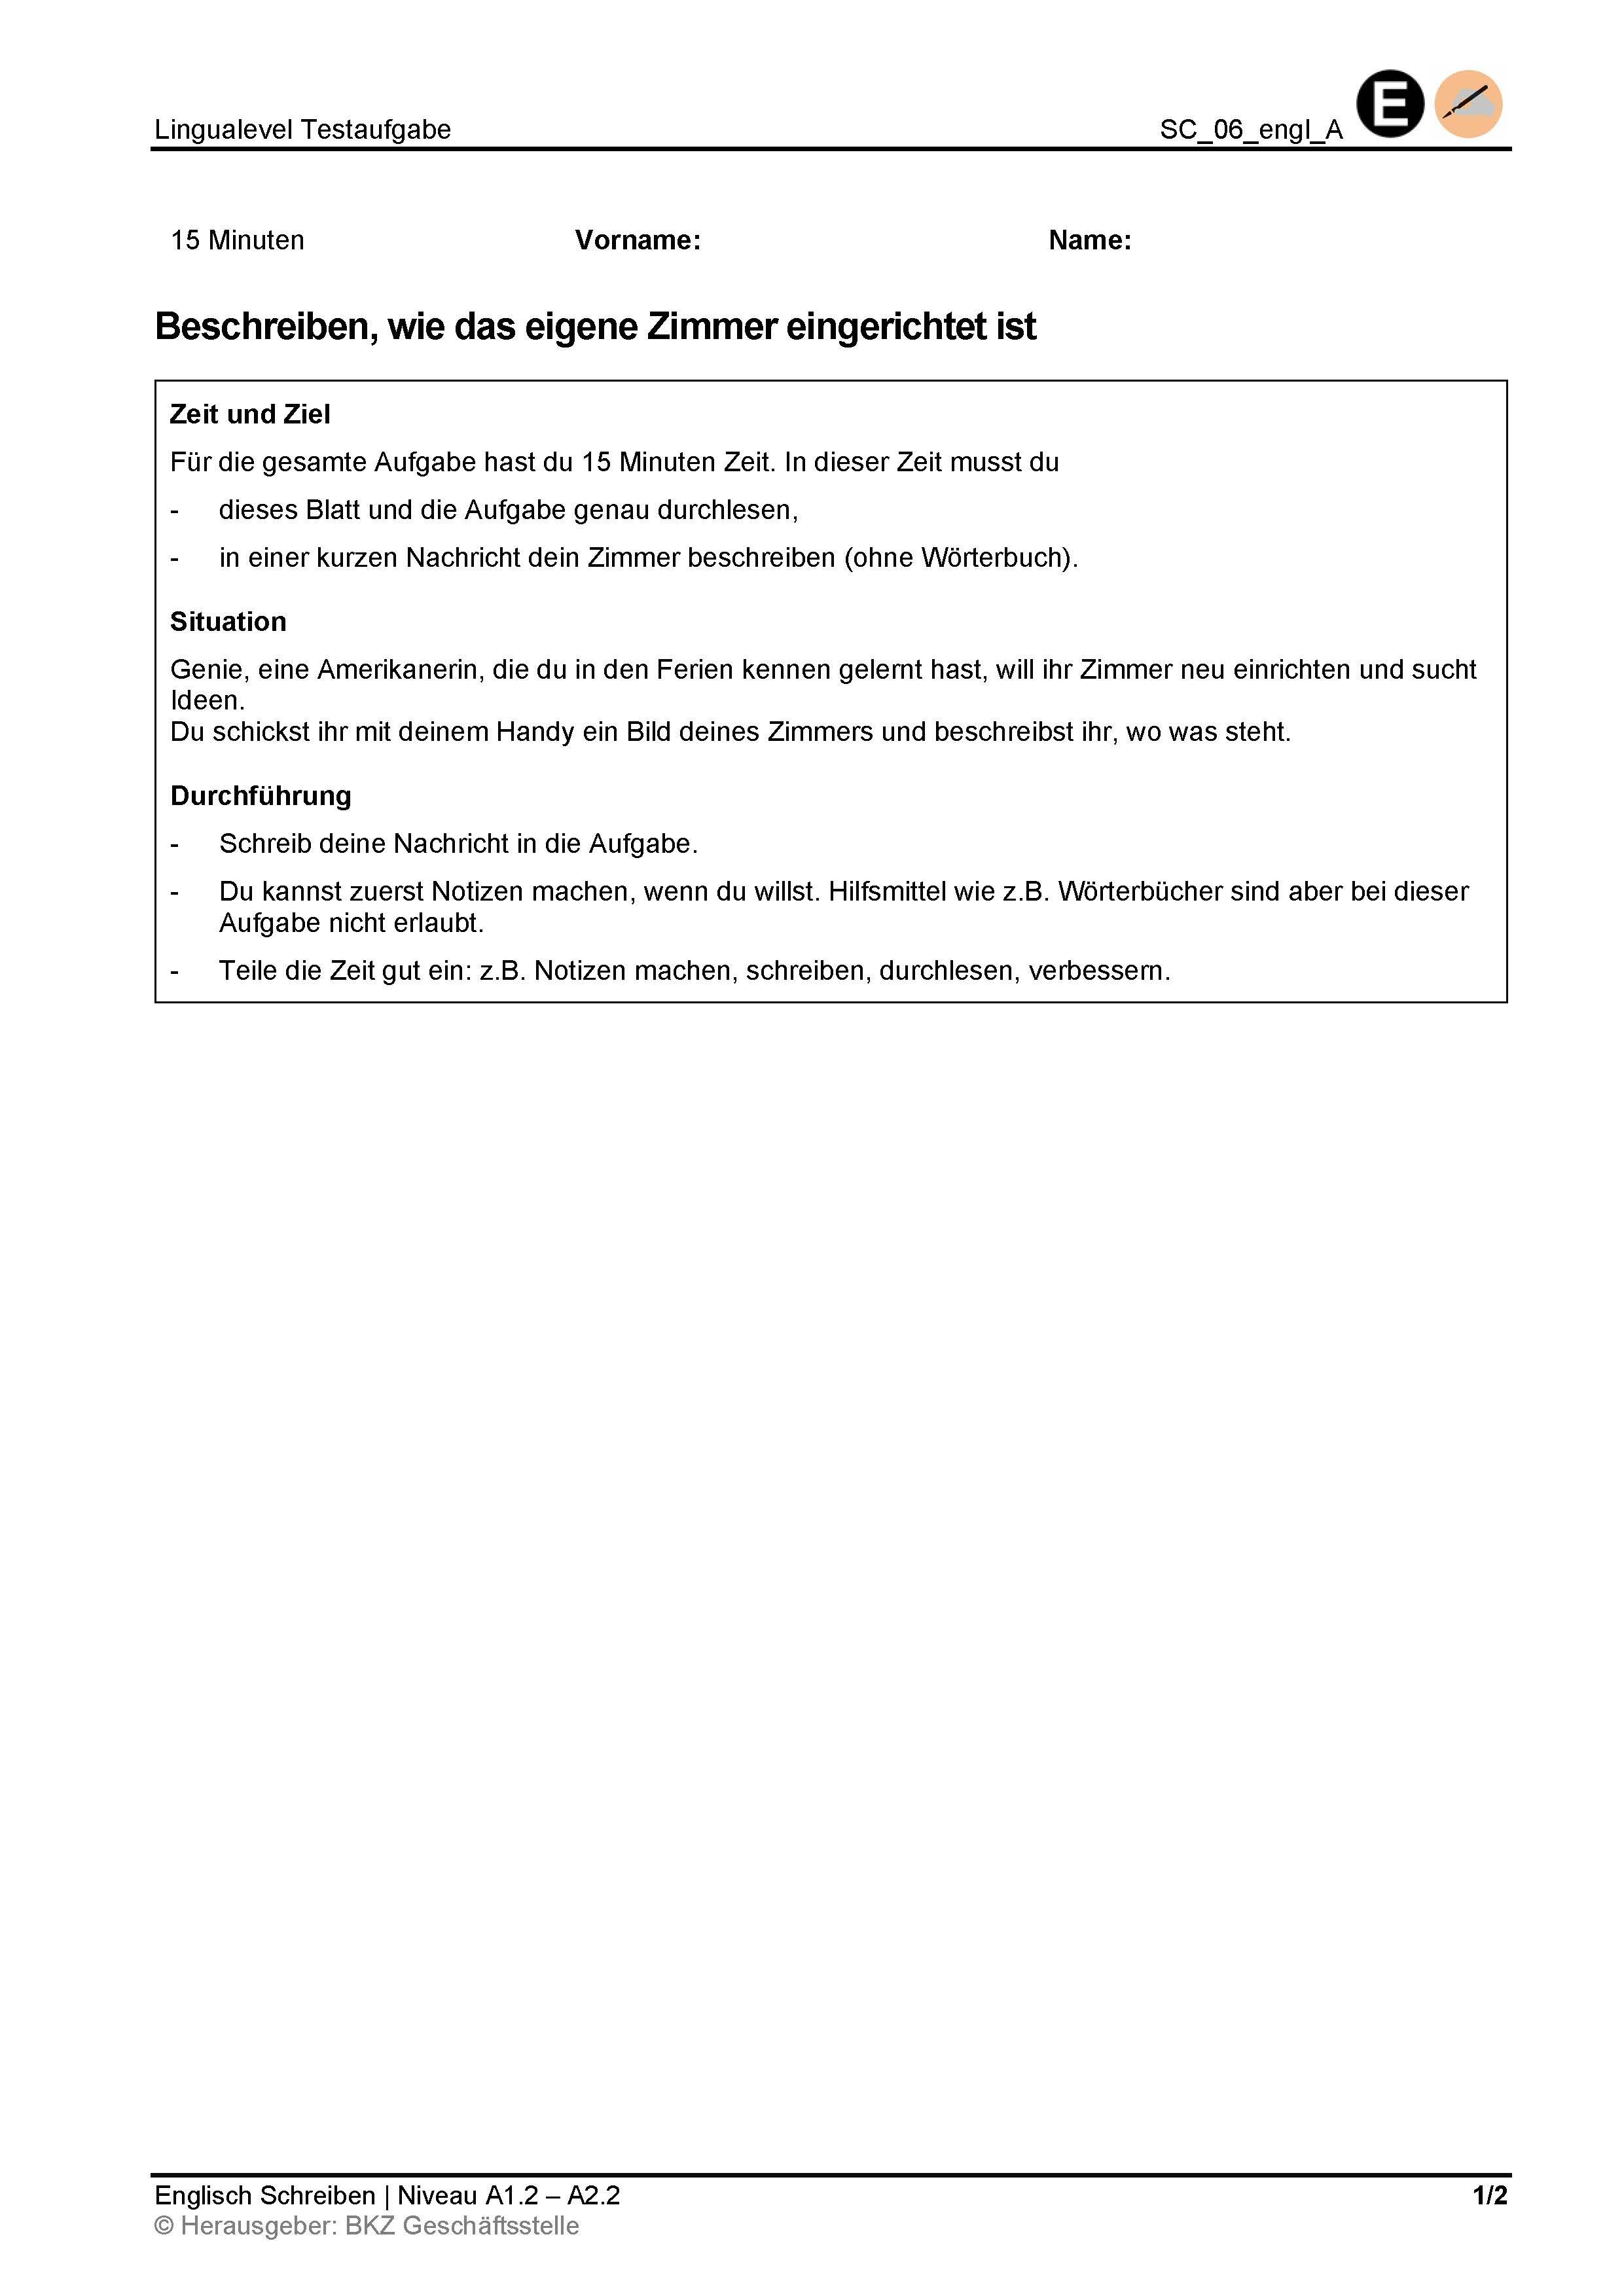 Preview image for LOM object Schreiben: Beschreiben, wie das eigene Zimmer eingerichtet ist